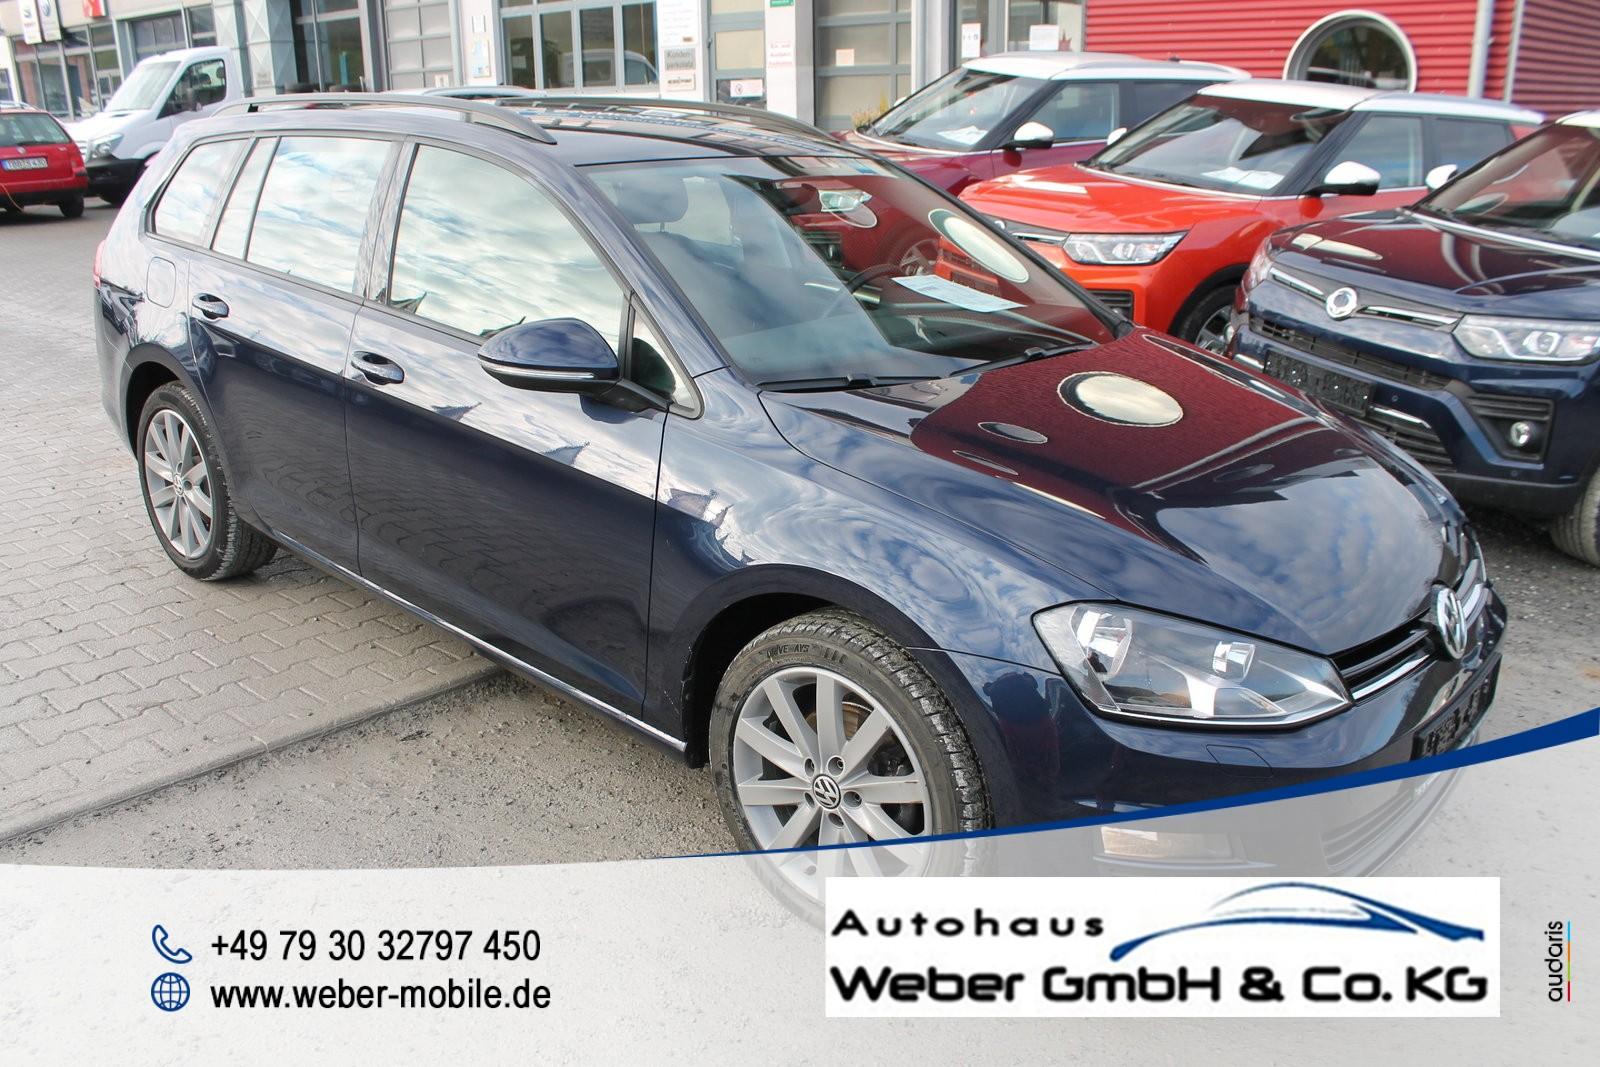 Volkswagen Golf VII Variant 1.6 TDI *Trendline*Tagfahrlicht*Navi*SHZ*Klima*, Jahr 2016, Diesel